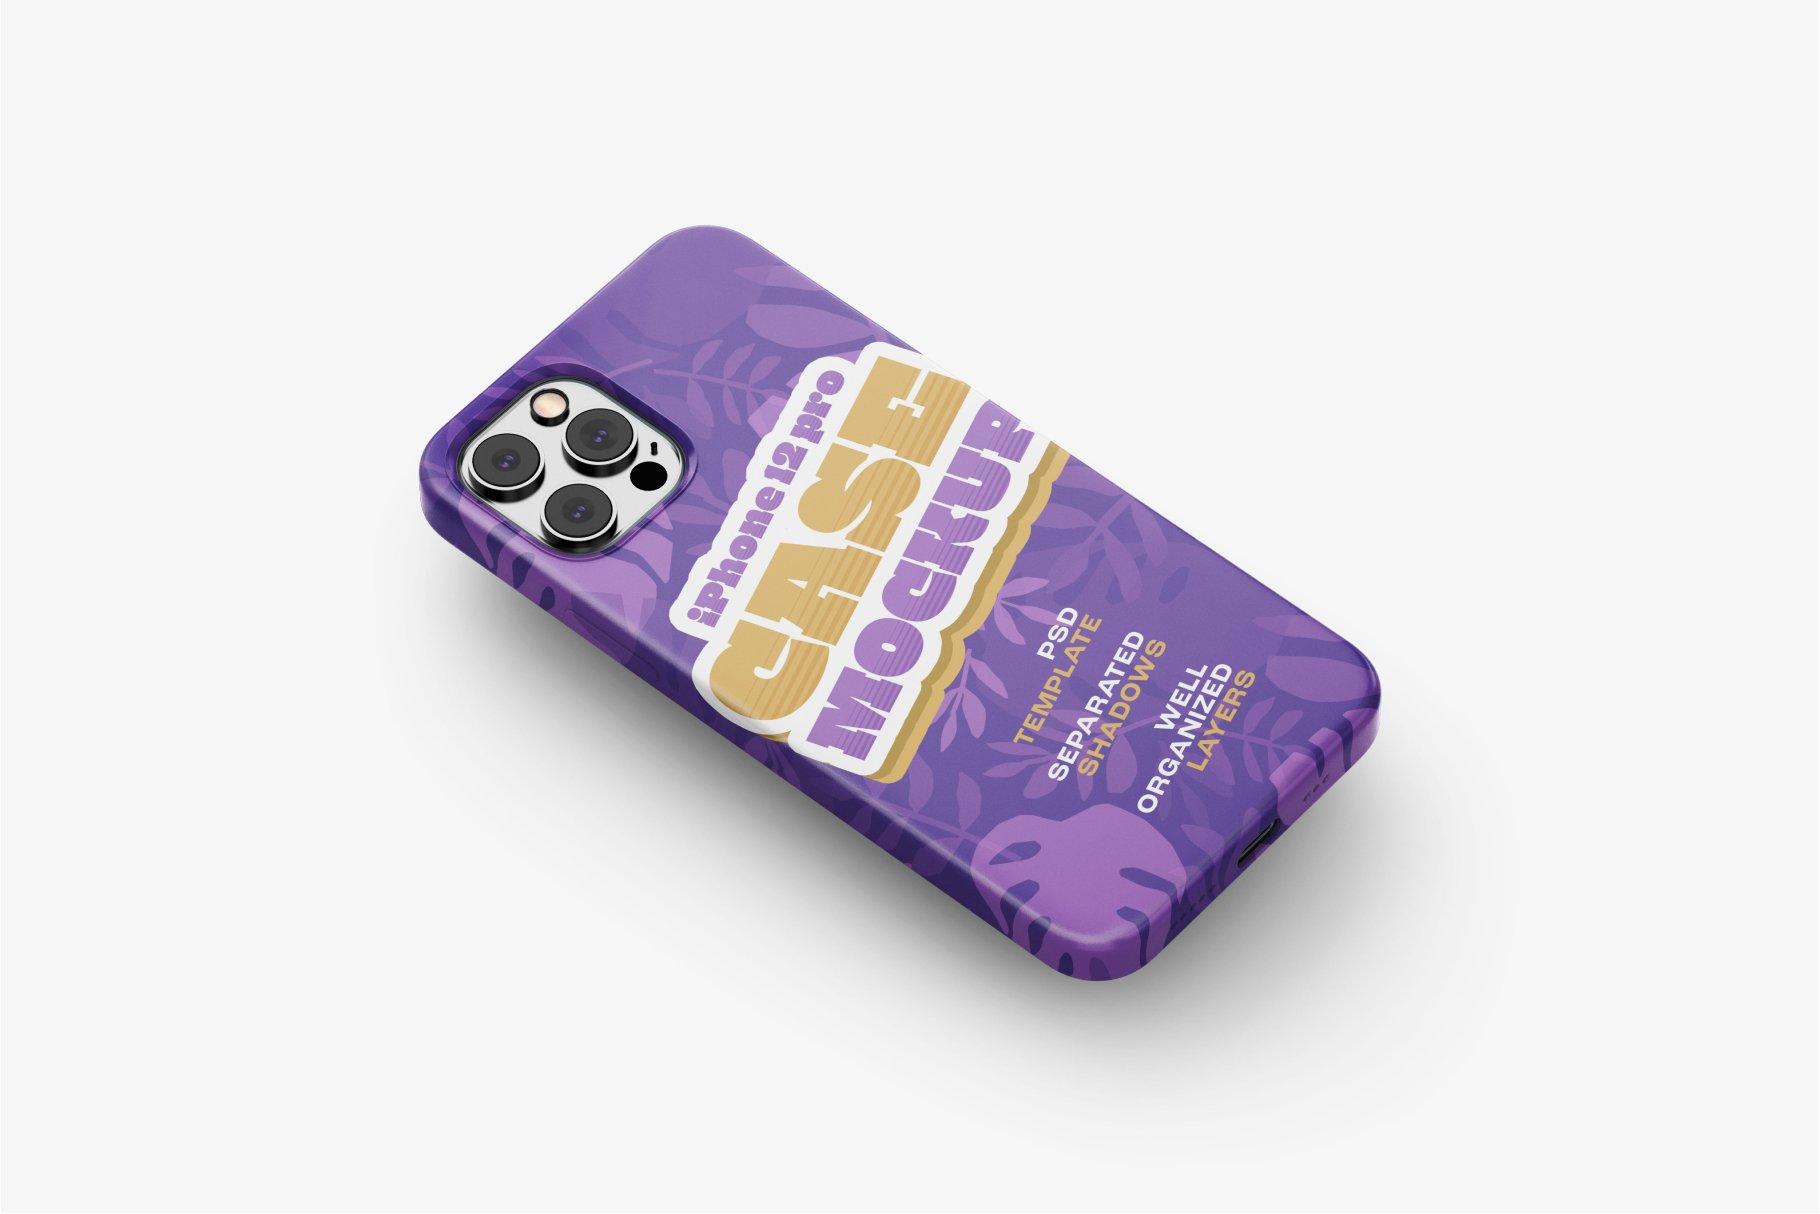 14款iPhone 12 Pro手机壳外观设计展示样机合集 iPhone 12 Pro Case Mockup Set插图10